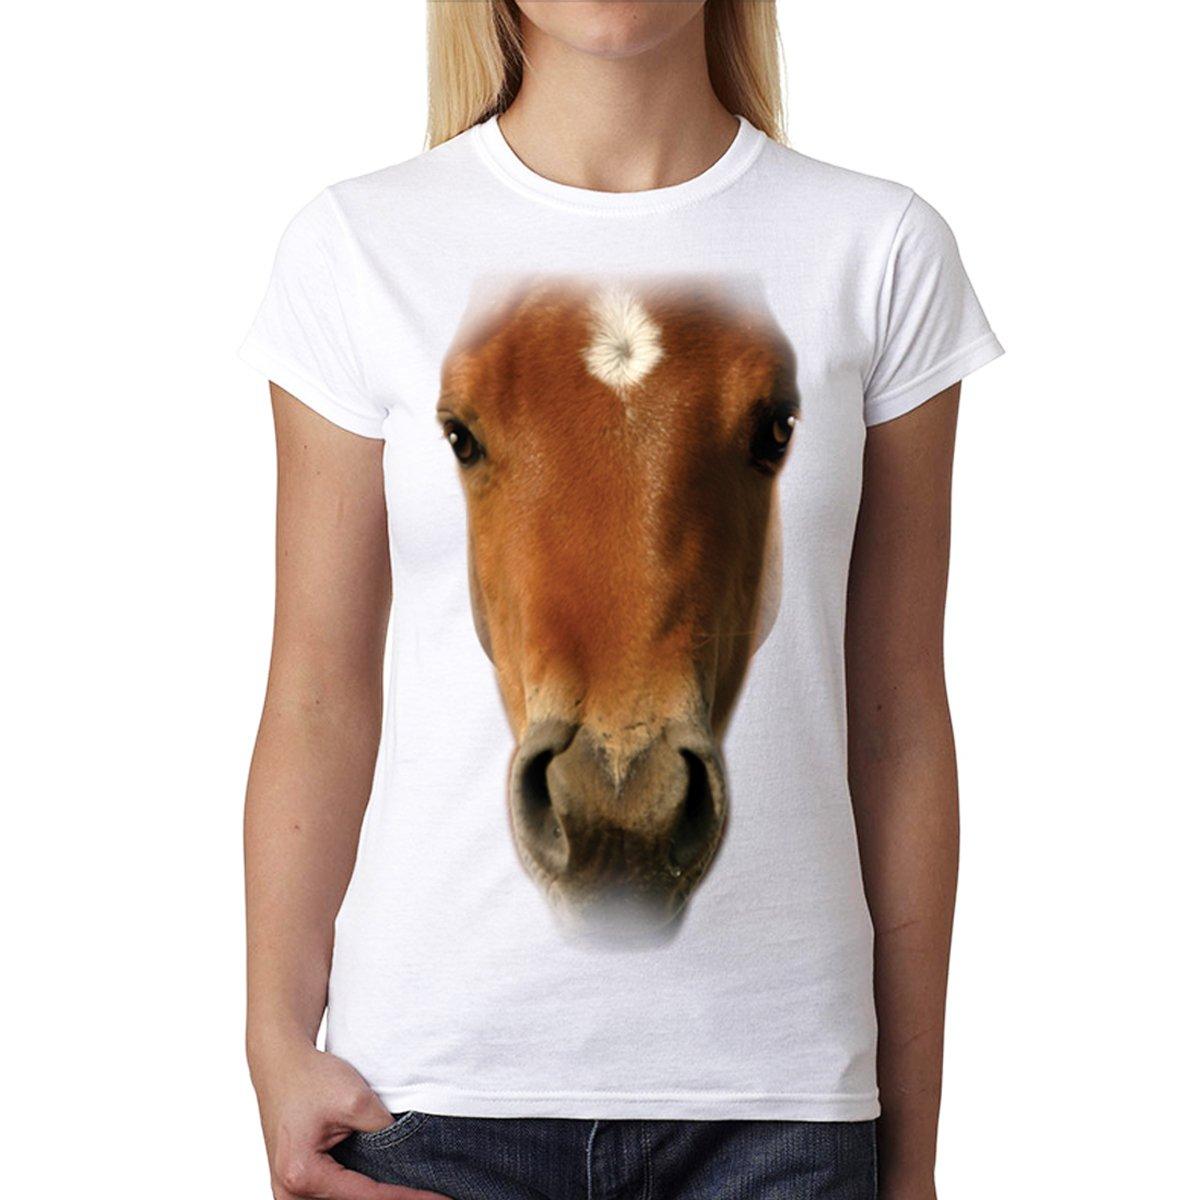 Horse Face Animals Women T-shirt S-2XL New AvocadoWear 3889